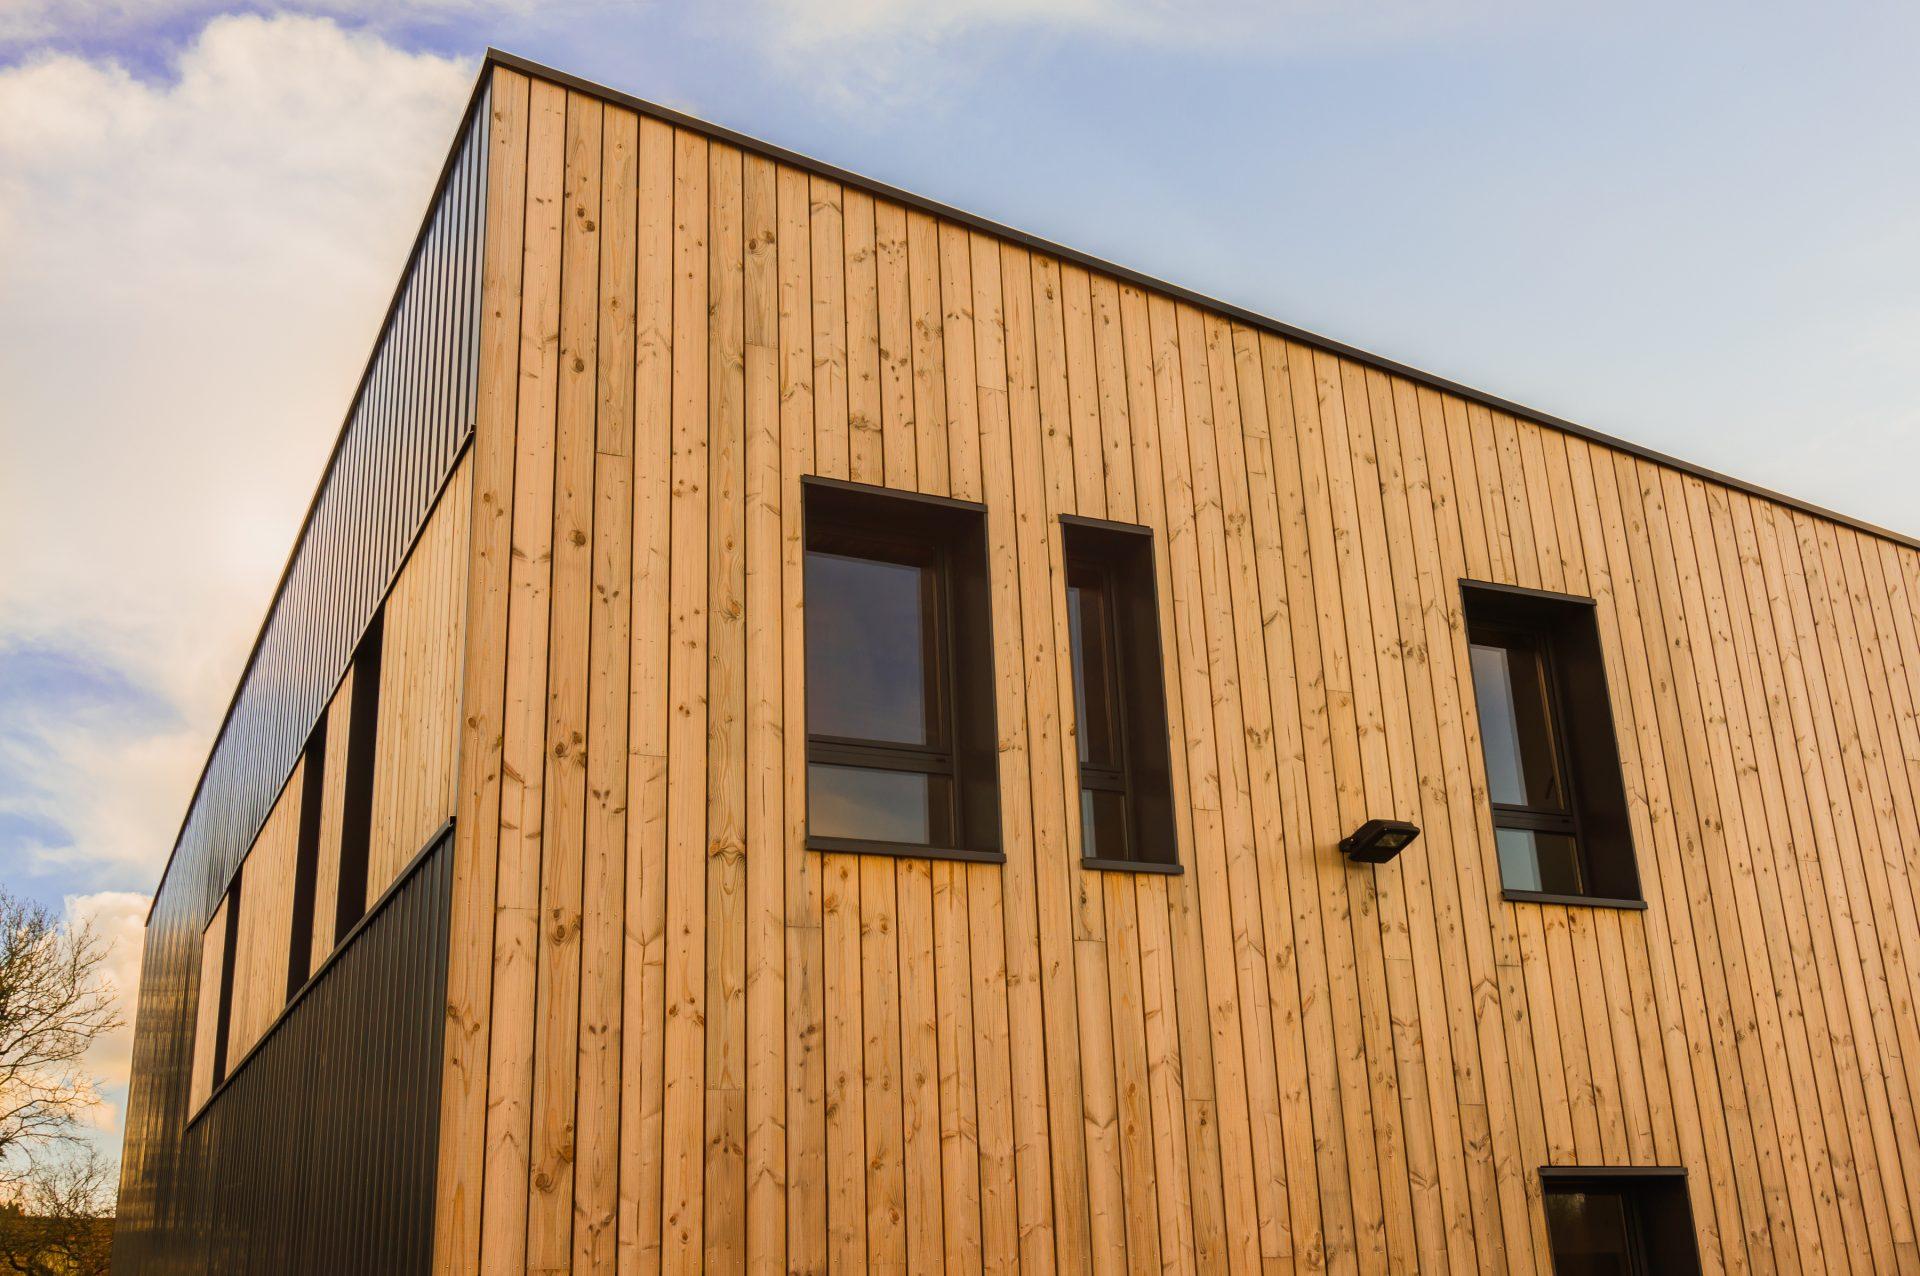 Moderne Holzfassade am Industriegebäude Bürogebäude - Modern wooden facade on the industrial Office building